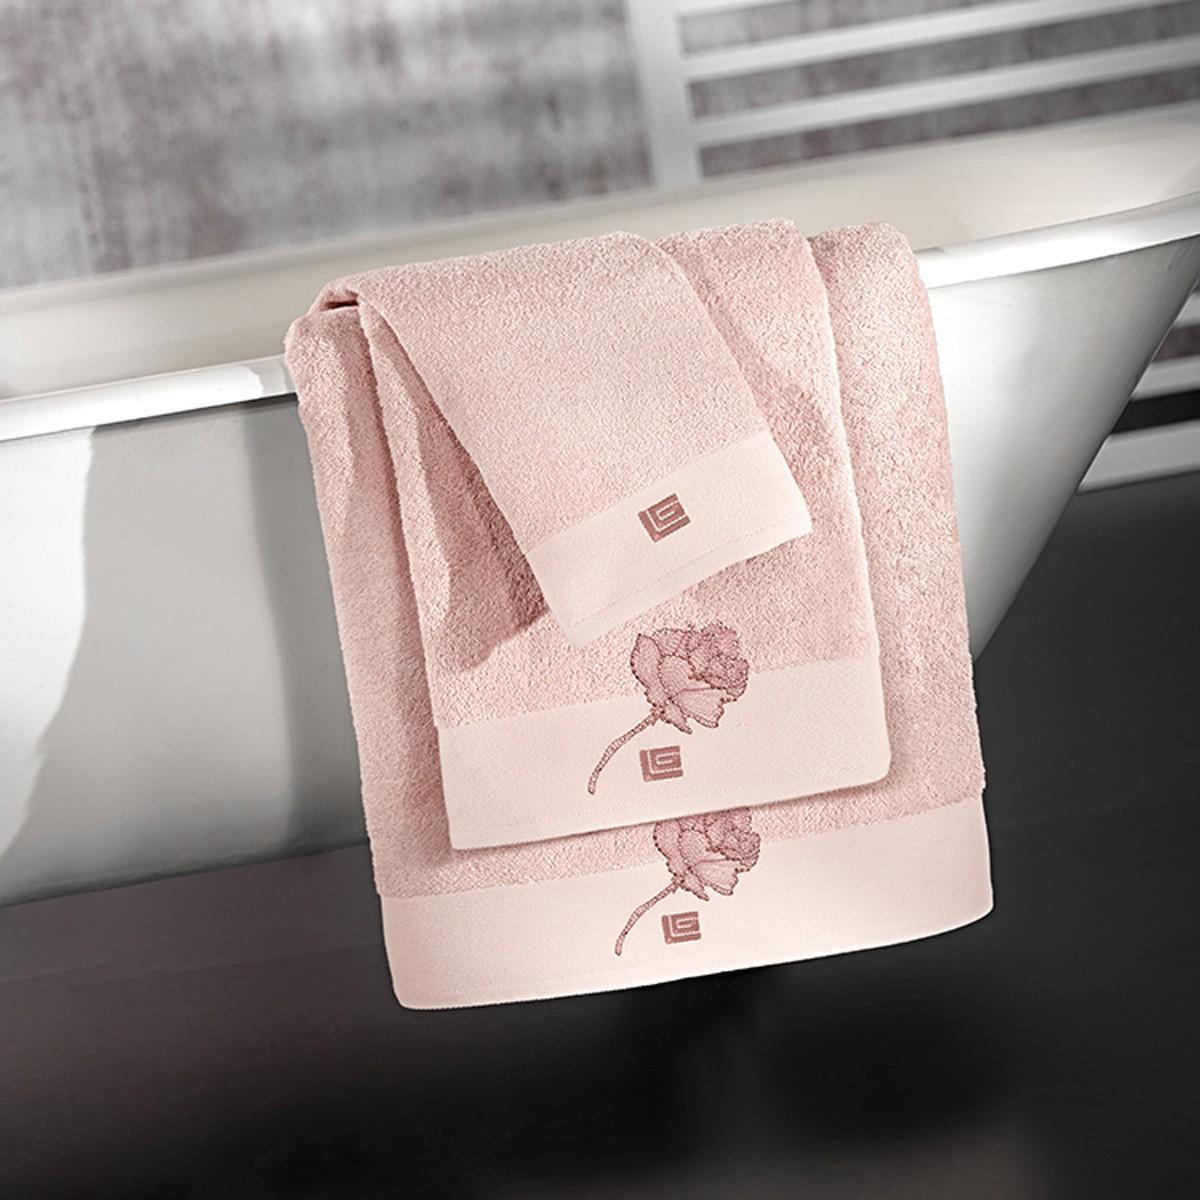 Πετσέτες Μπάνιου (Σετ 3τμχ) Guy Laroche Celia Old Pink home   μπάνιο   πετσέτες μπάνιου